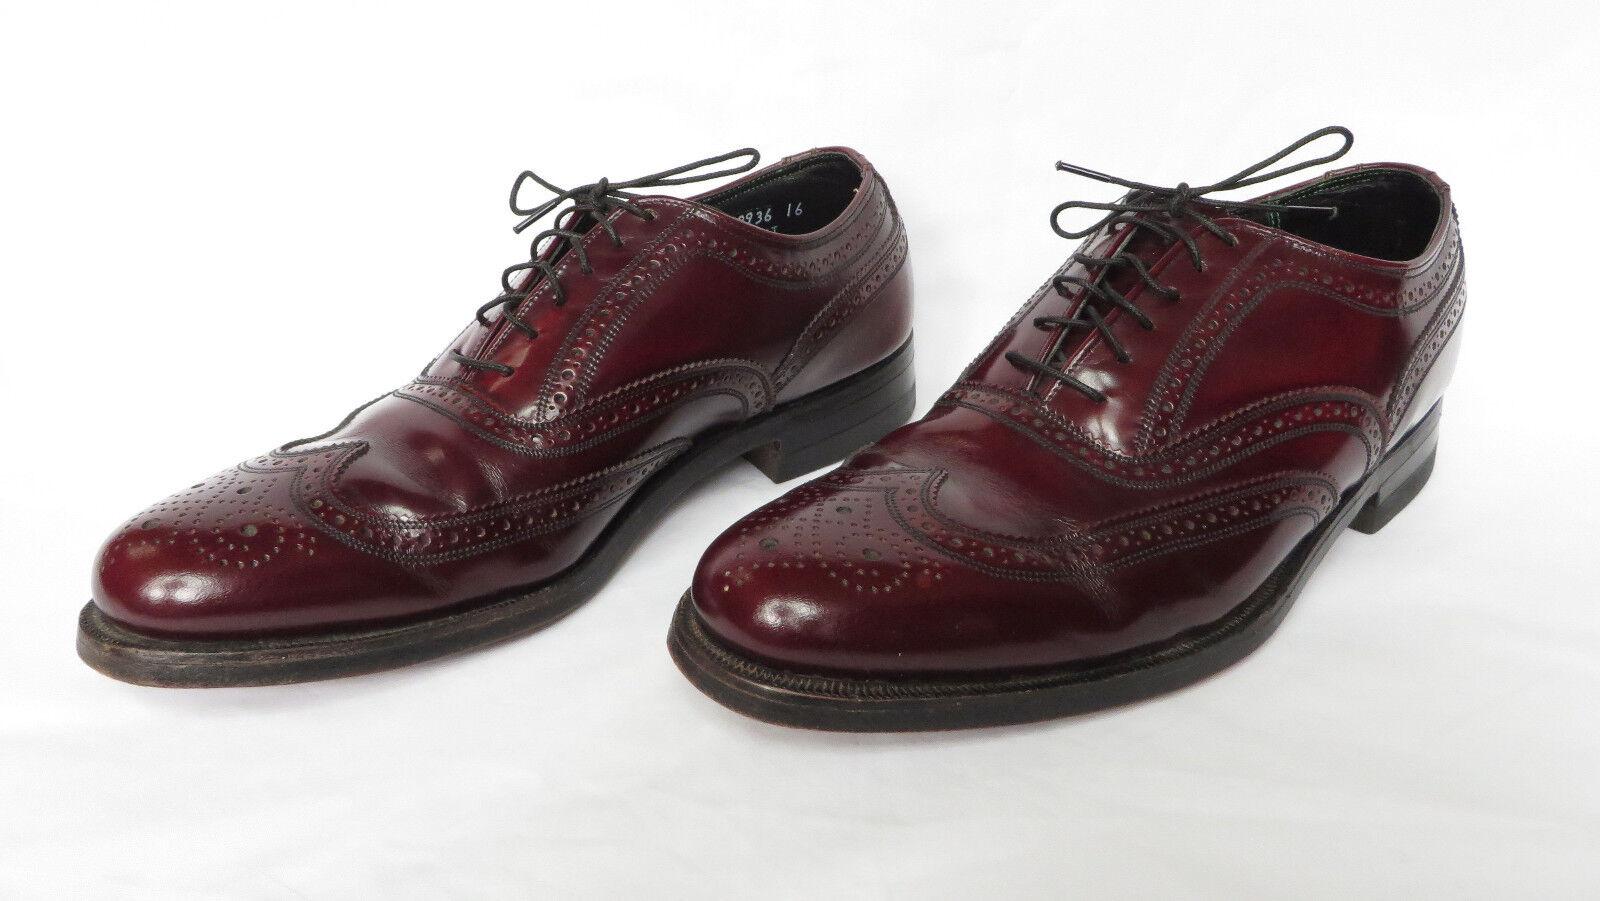 FLORSHEIM Imperial Calidad para Hombre Marrón Borgoña Ala Punta corte inglés Oxford Zapatos 8 D